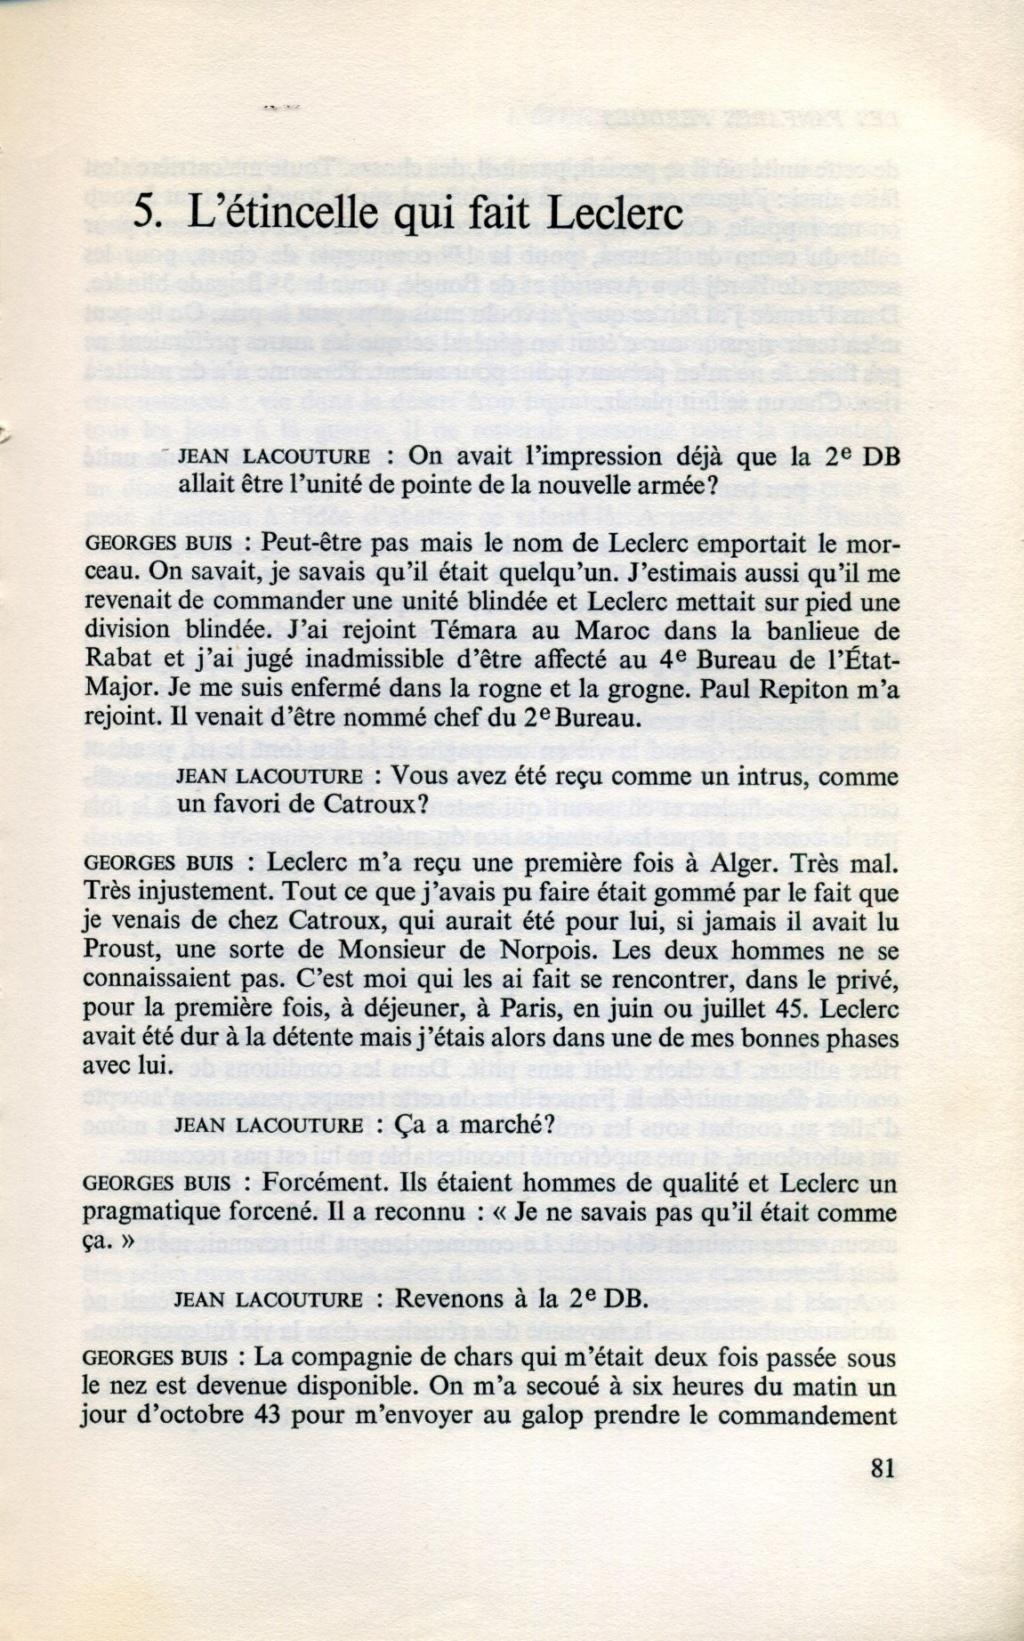 Georges Buis les fanfares perdues Les_fa30